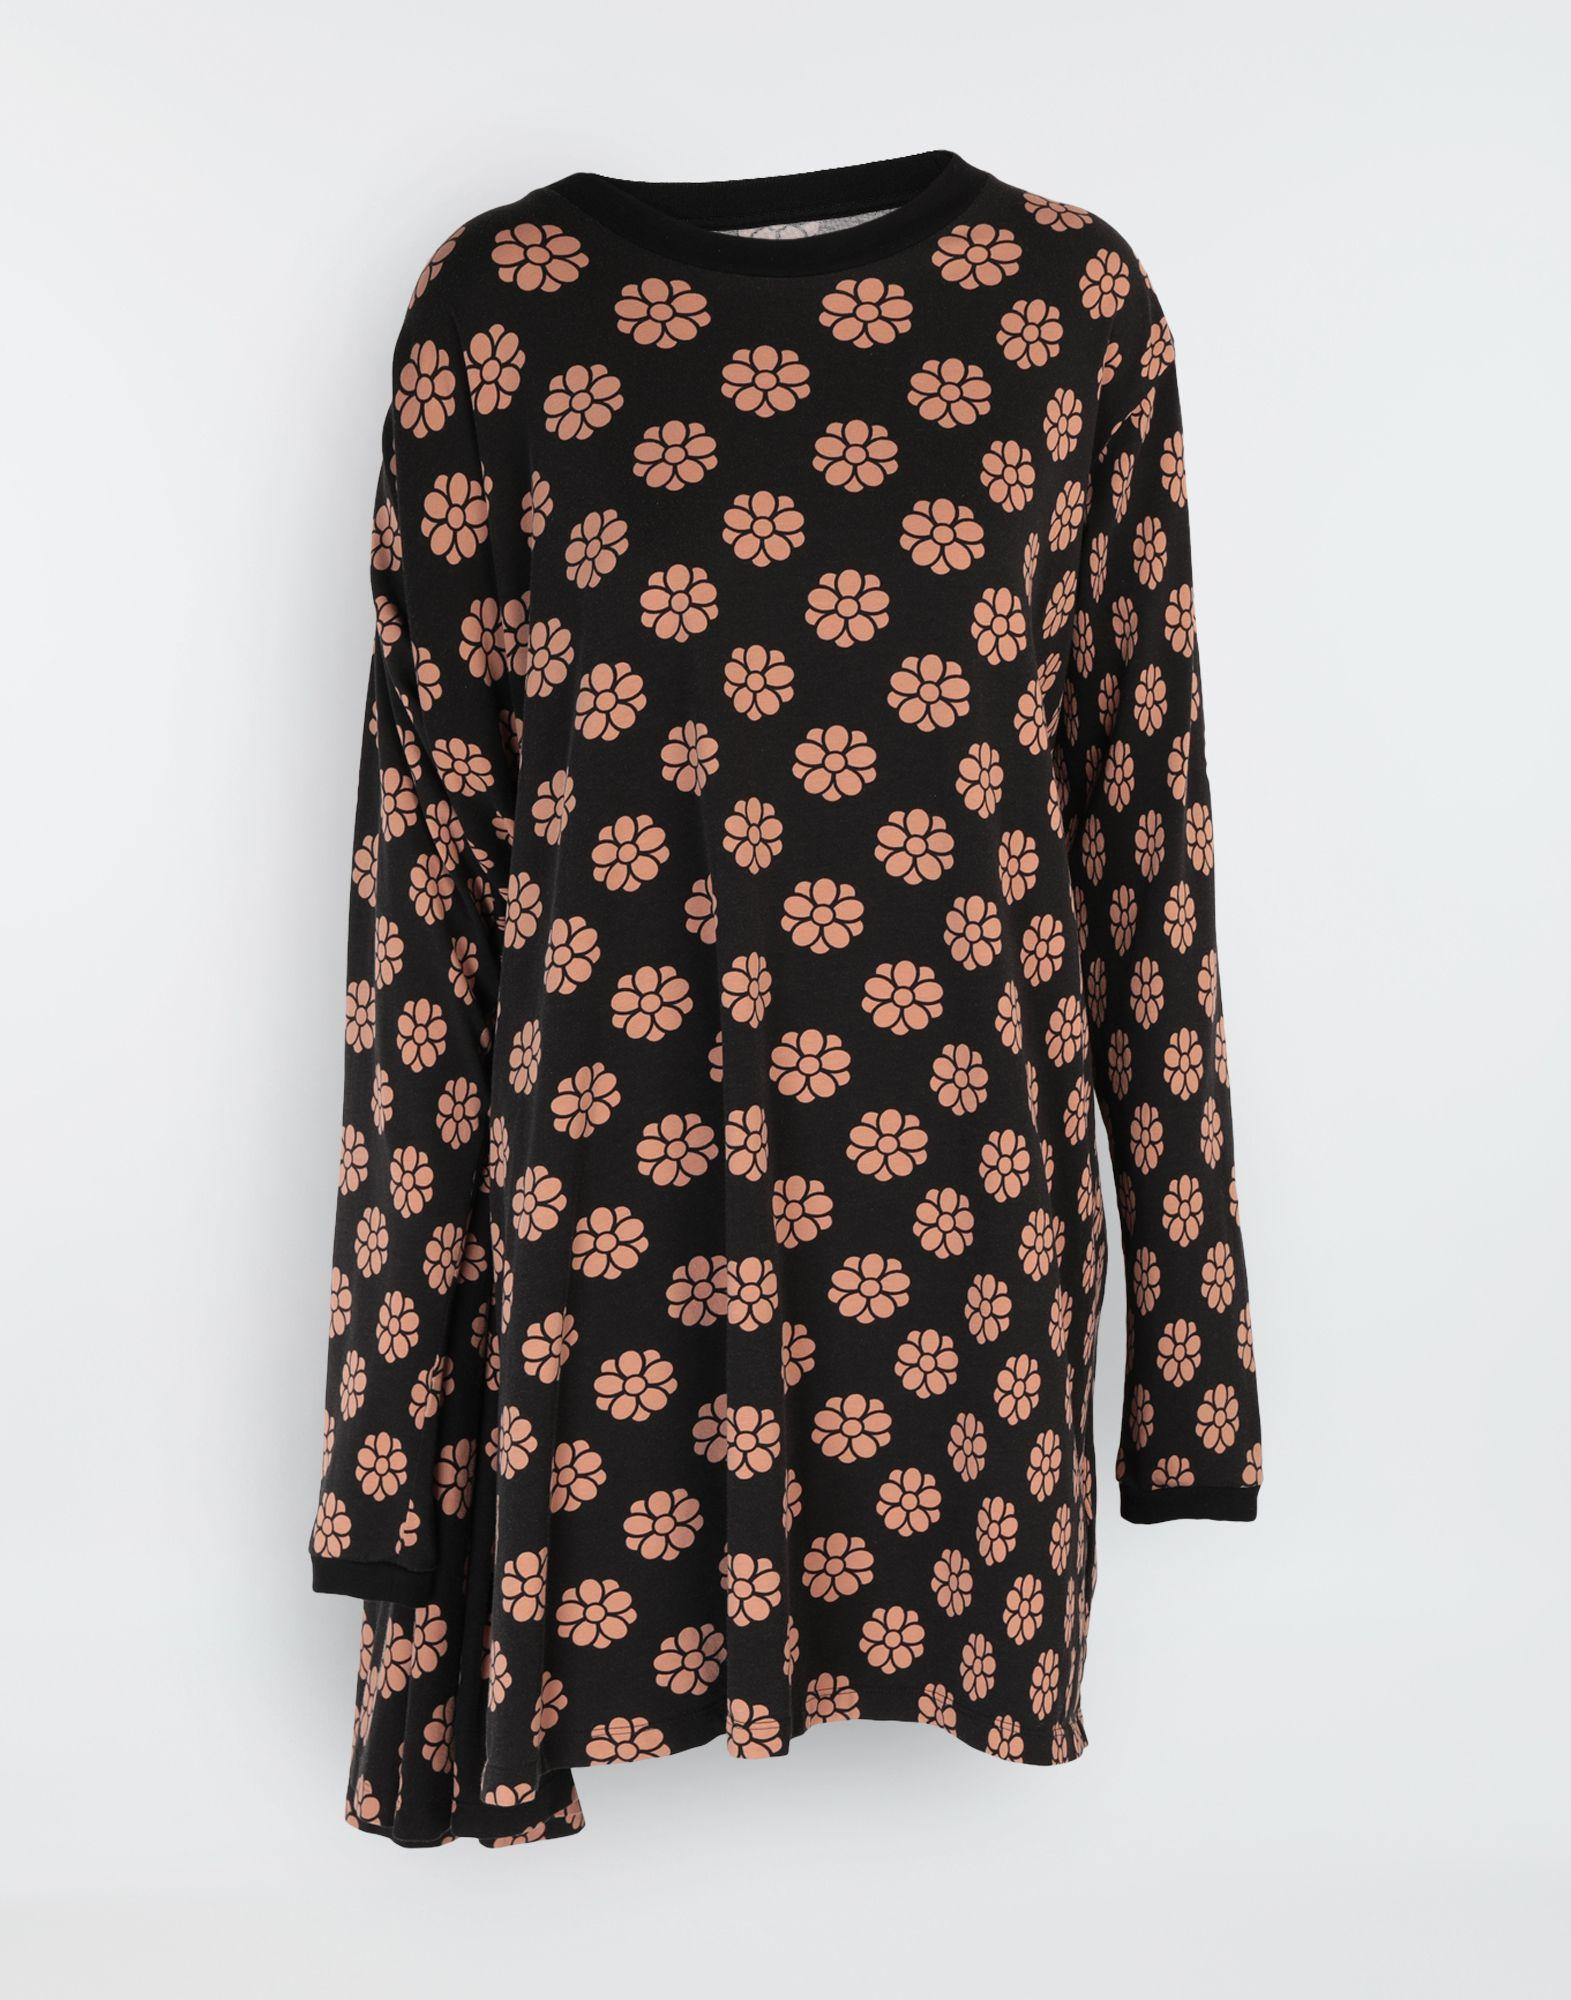 MM6 MAISON MARGIELA Polka dot flower-print shirt dress Short dress Woman f